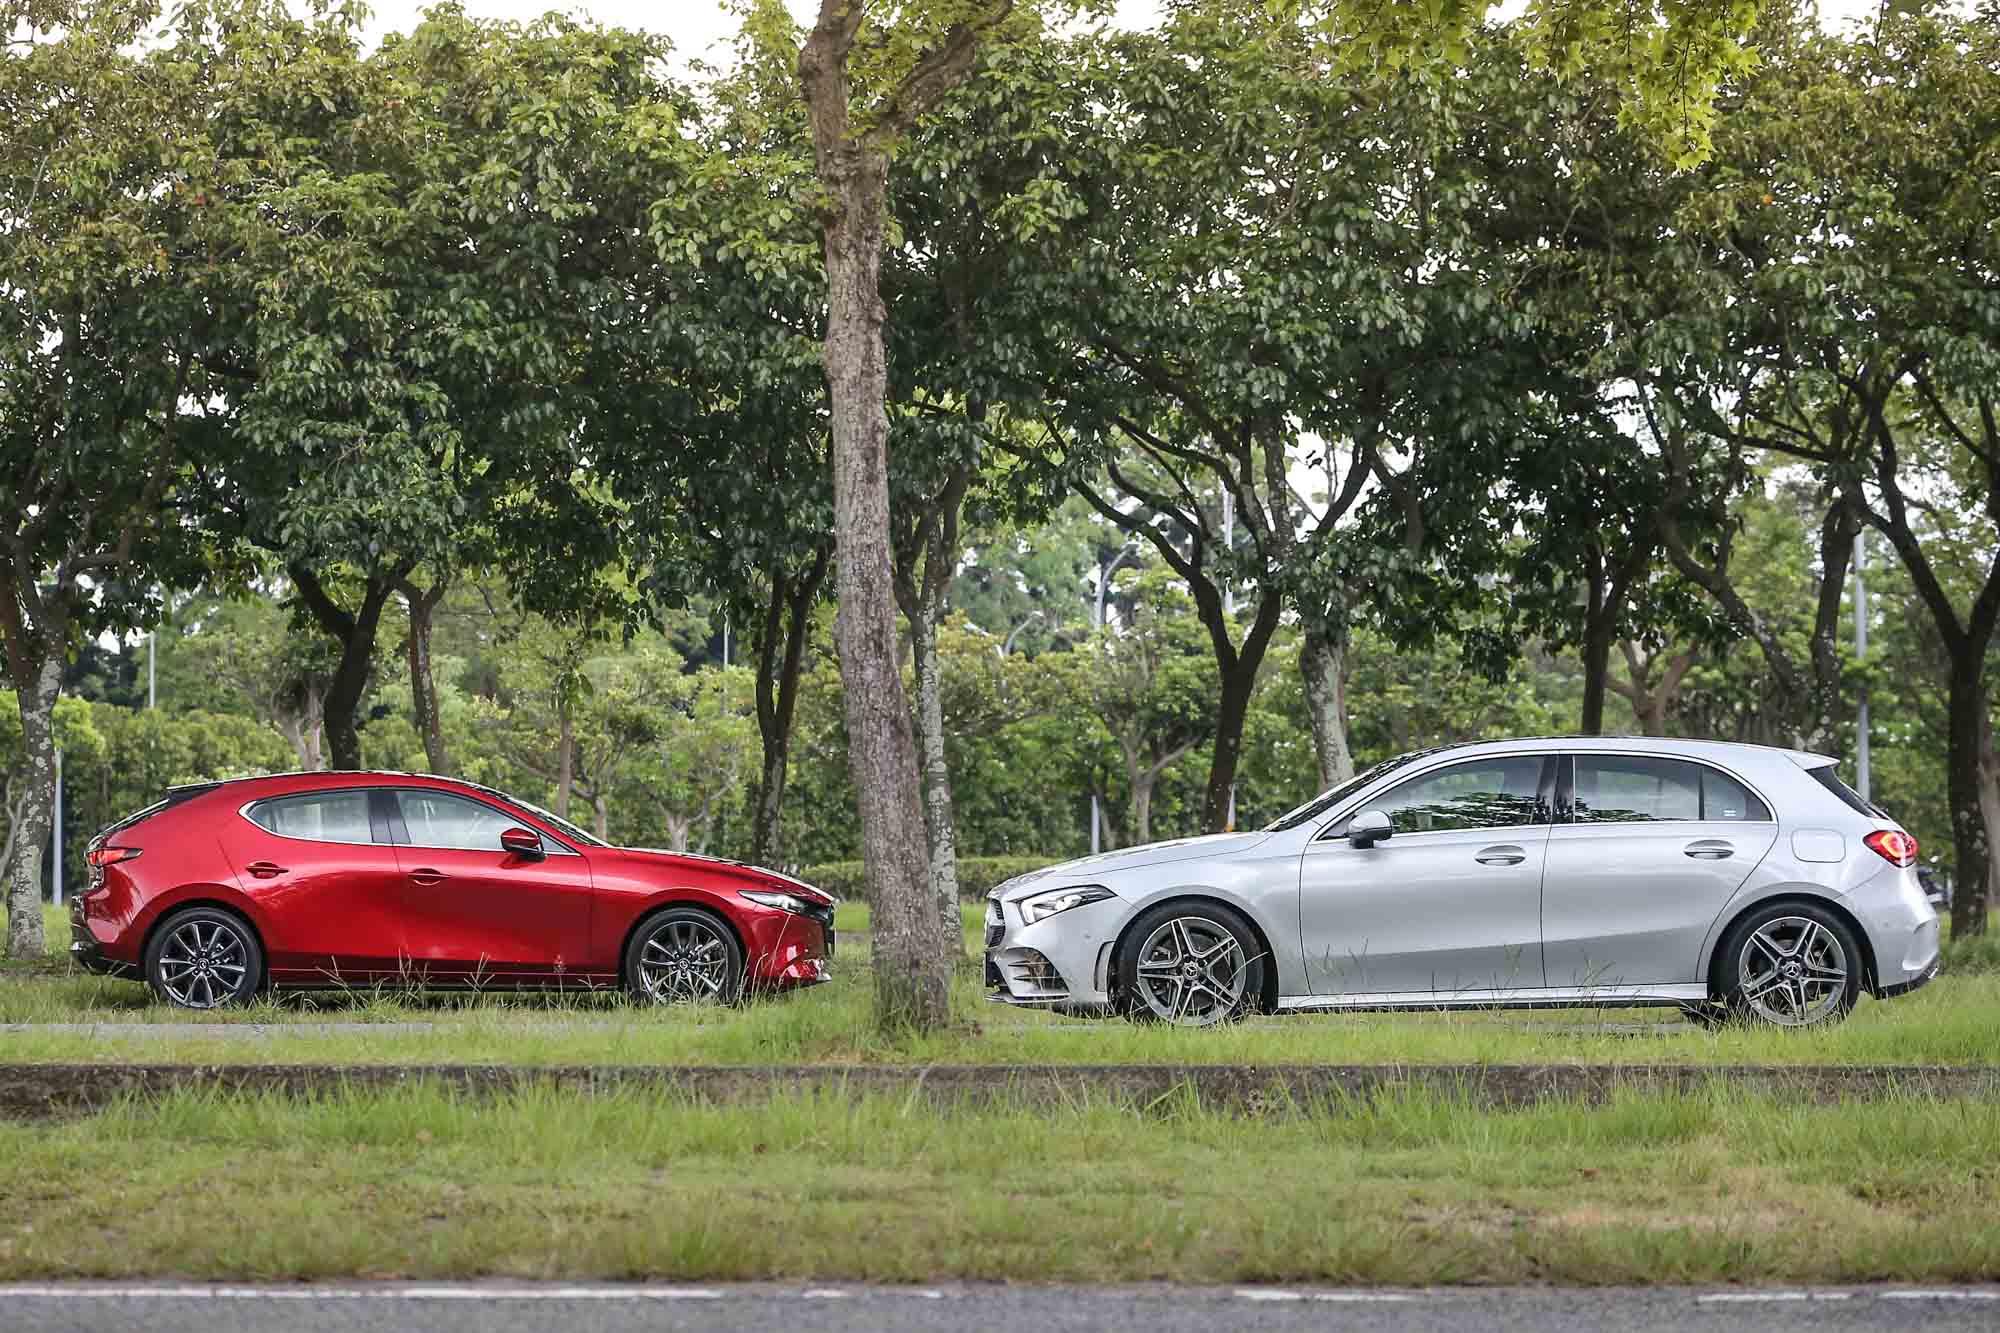 此次試駕的兩位主角一款為 Mercedes-Benz A250 運動版車型,售價為新臺幣 213 萬元;另一款則為五門 Mazda3 BOSE® 旗艦型,售價為新台幣98.9萬元。